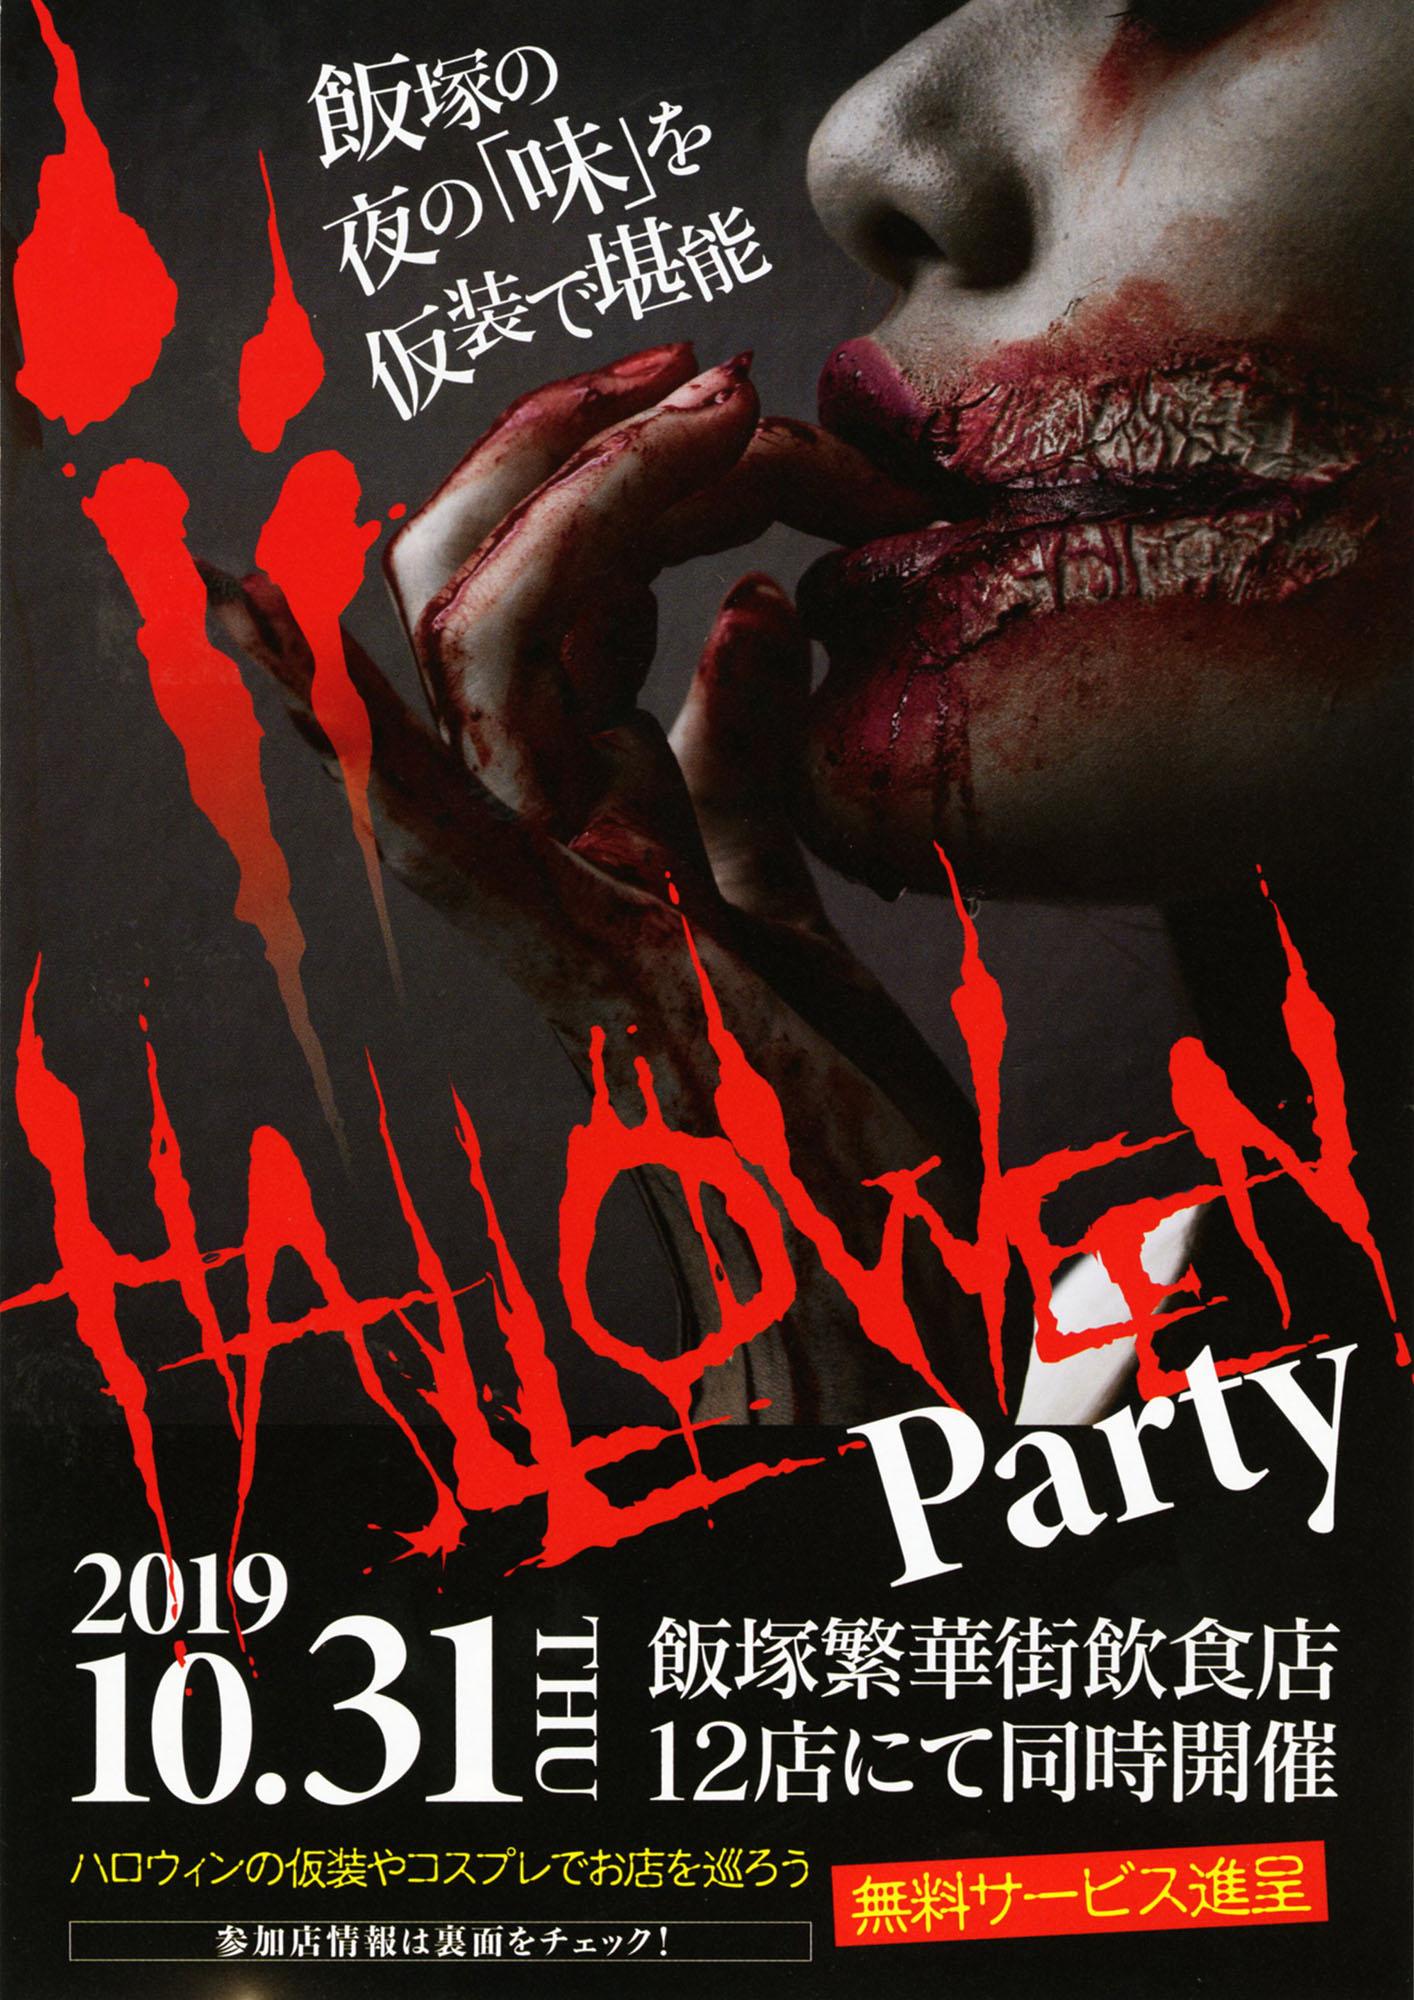 ii ハロウィンパーティー